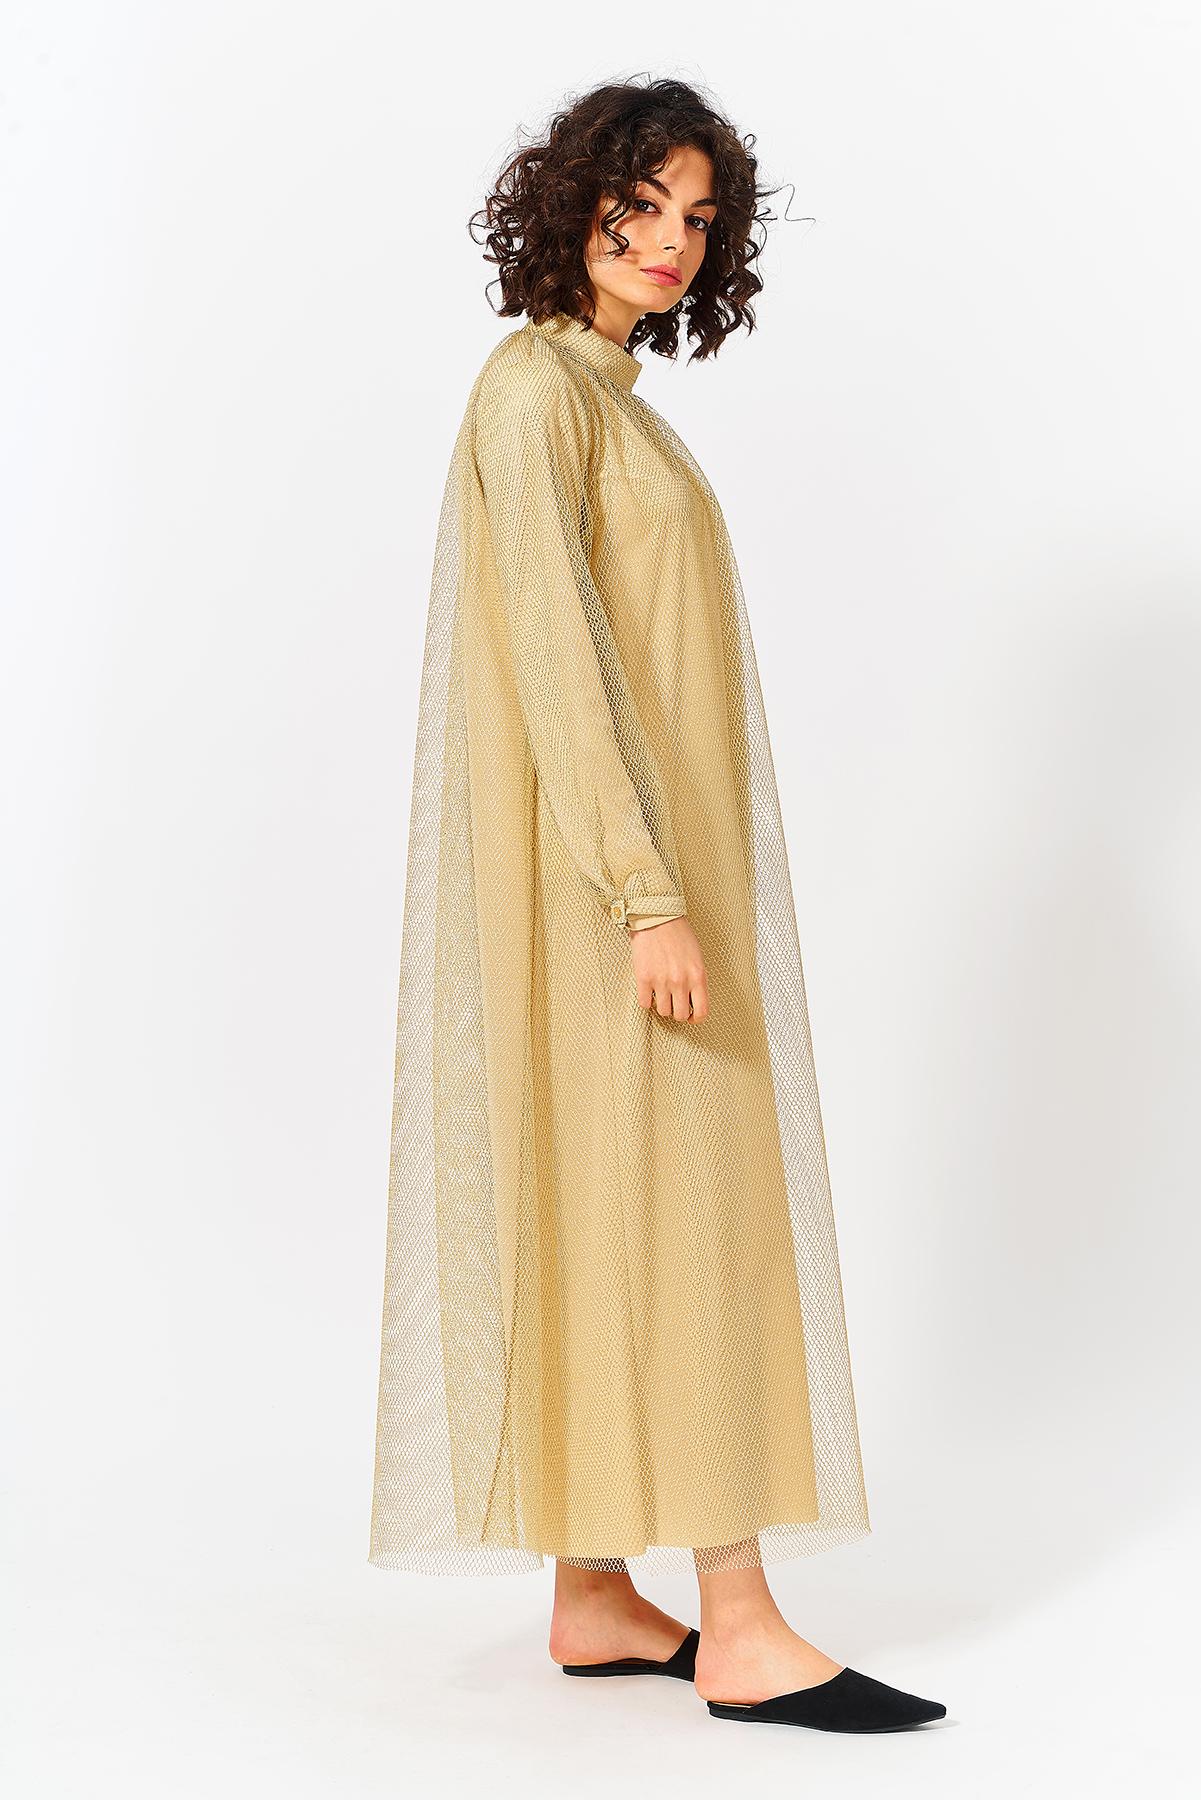 Mevra - Uzun Abiye Elbise Gold